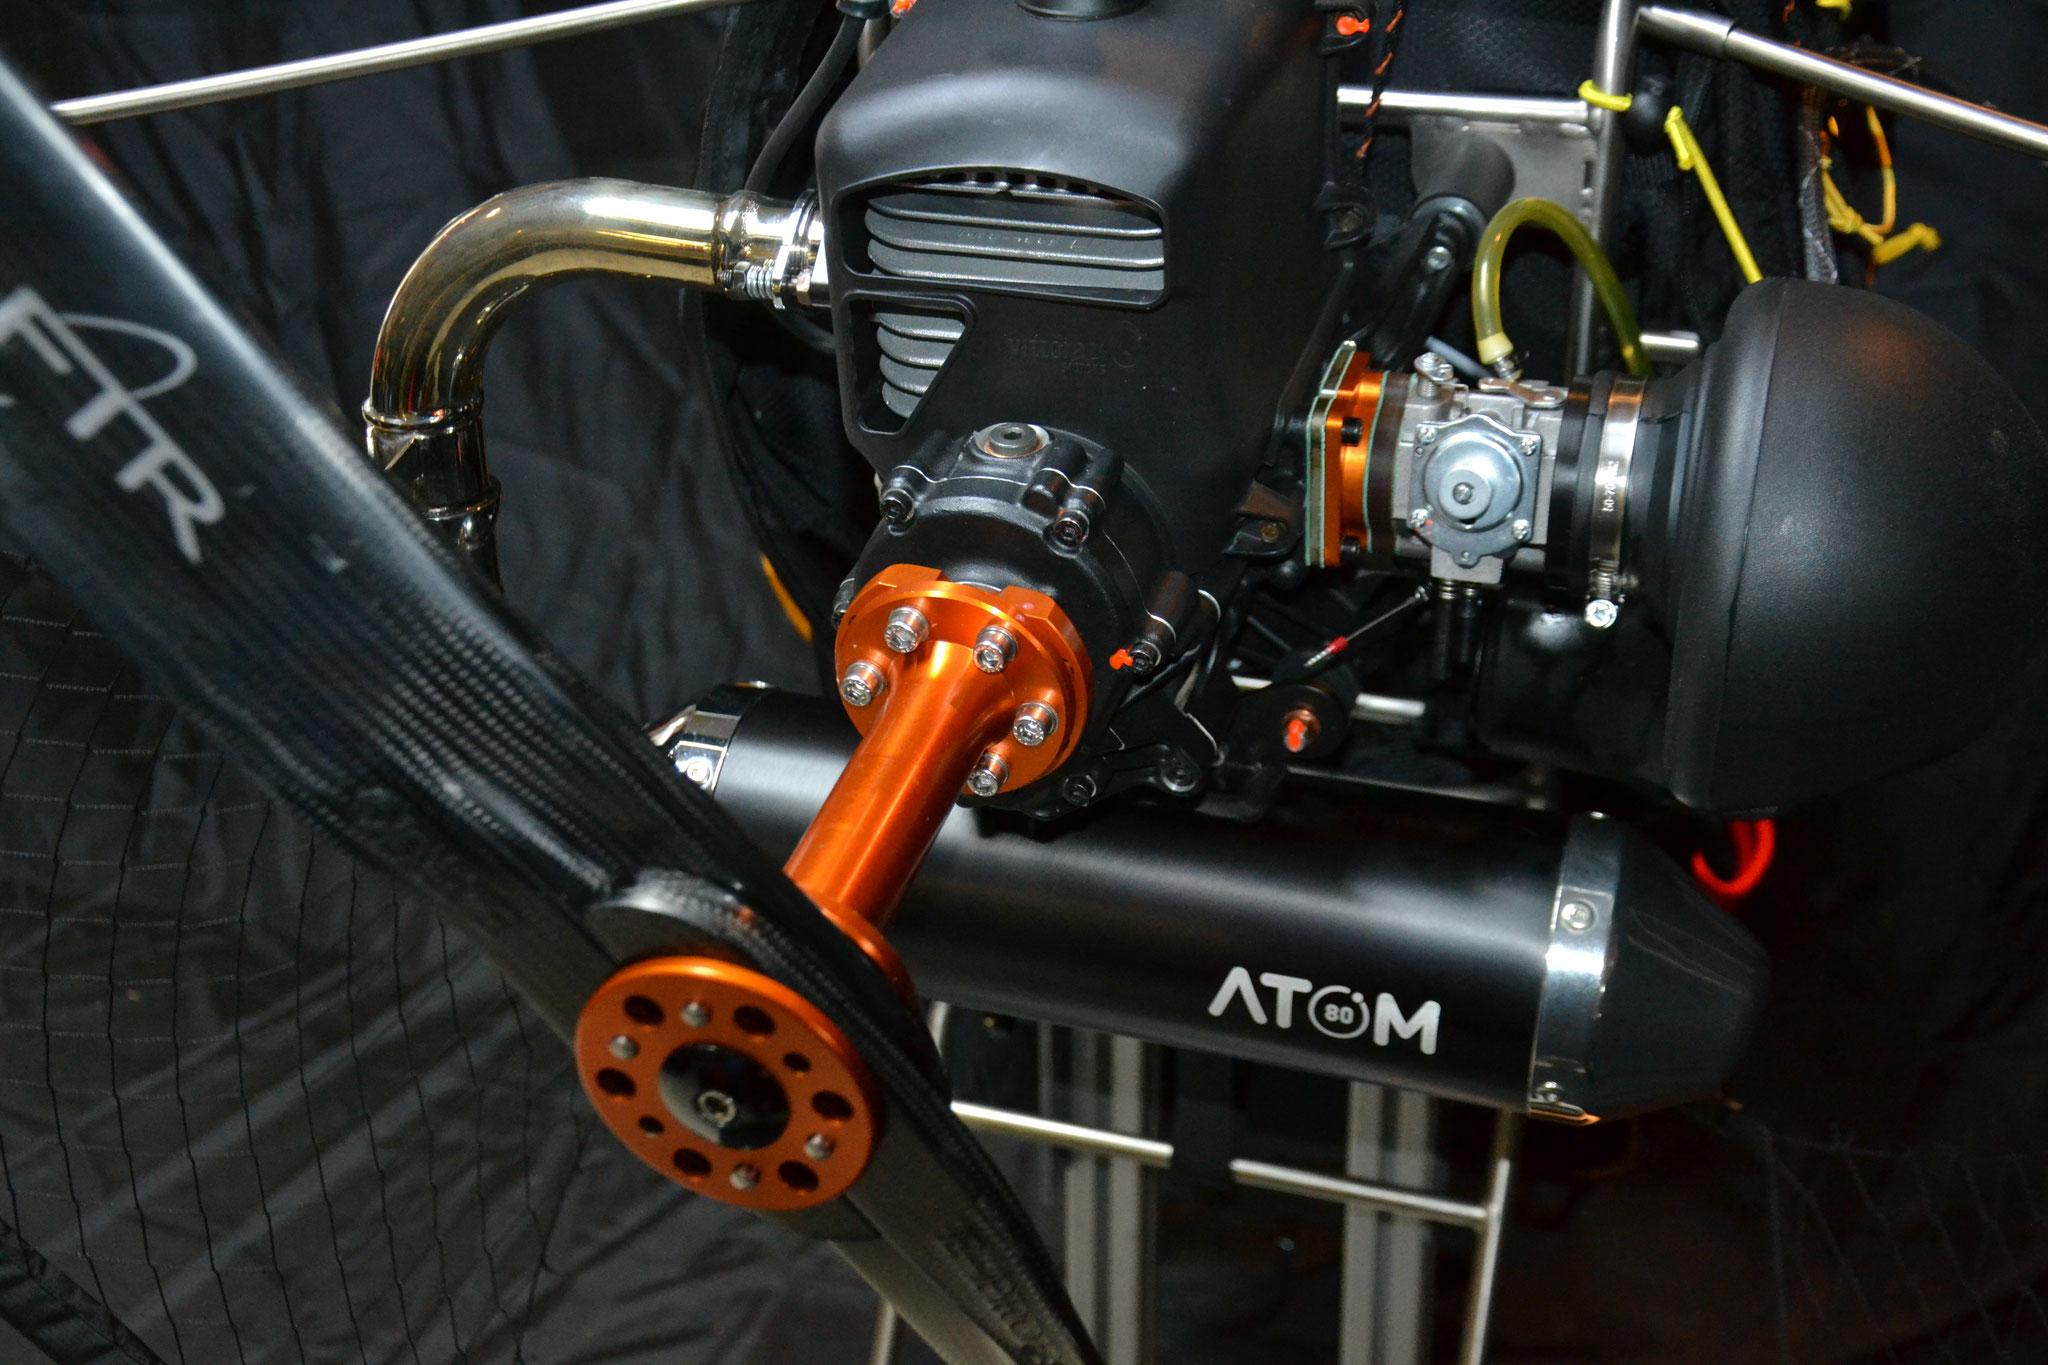 Vittorazi ATOM 80 - Motor des Jahres 2019